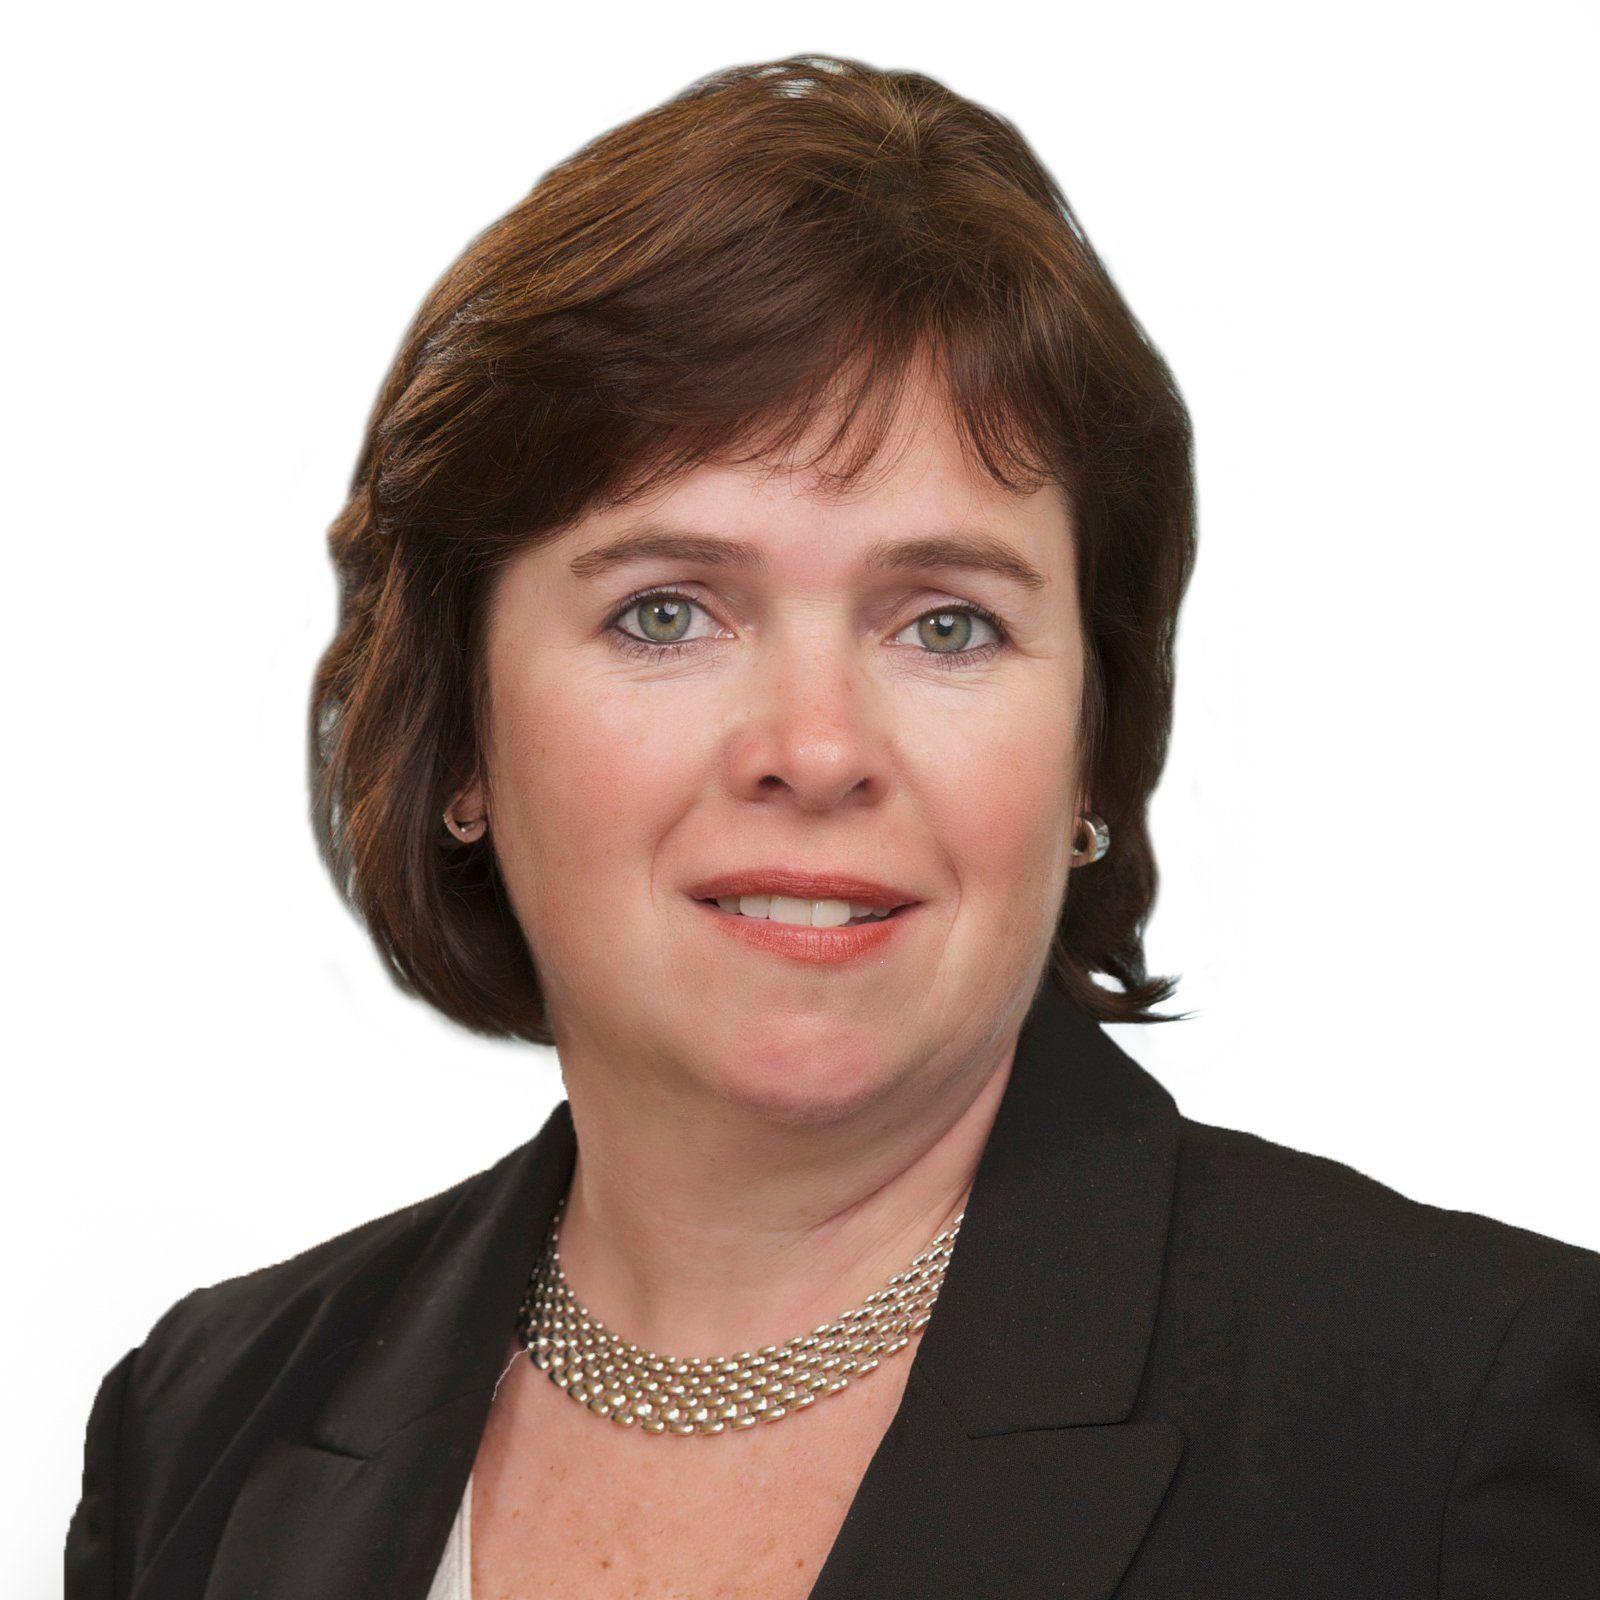 Karen Conley